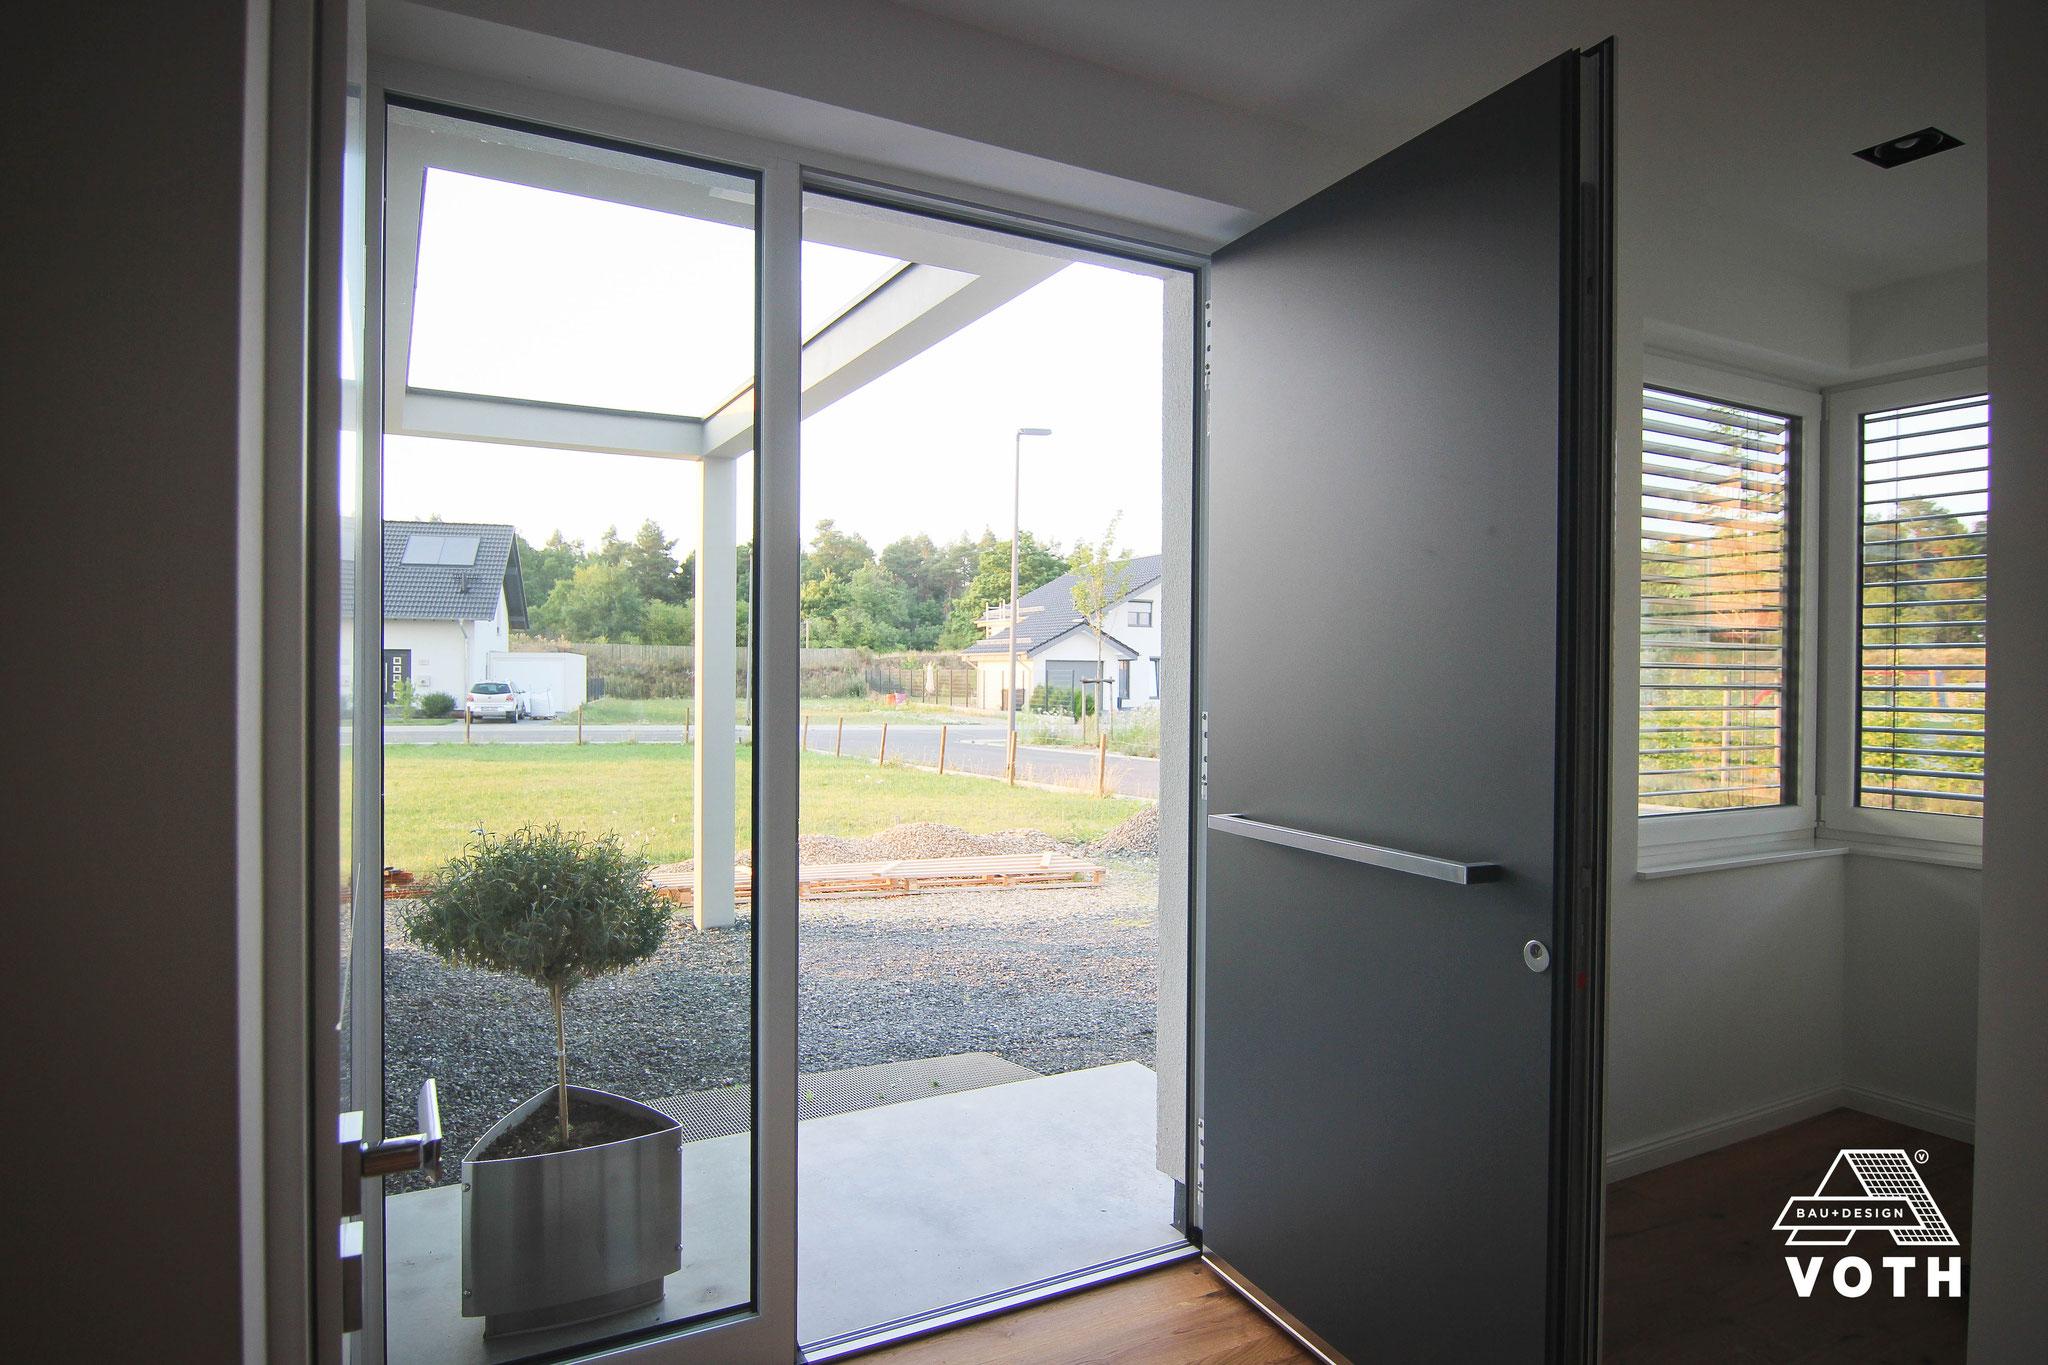 Aluminium Haustüren bei Frechen kaufen